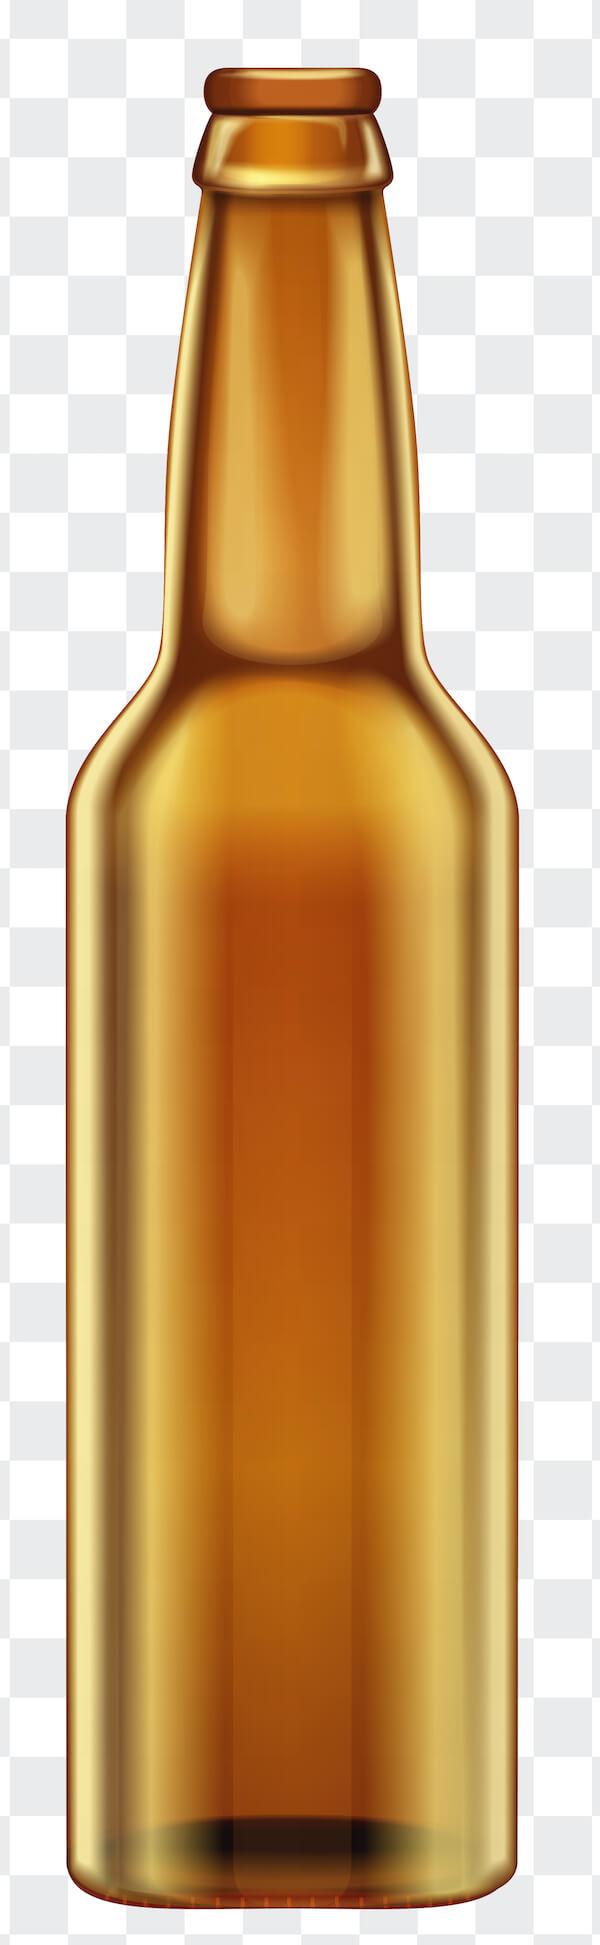 Πως θα καθαρίσεις το εσωτερικό του μπουκαλιού